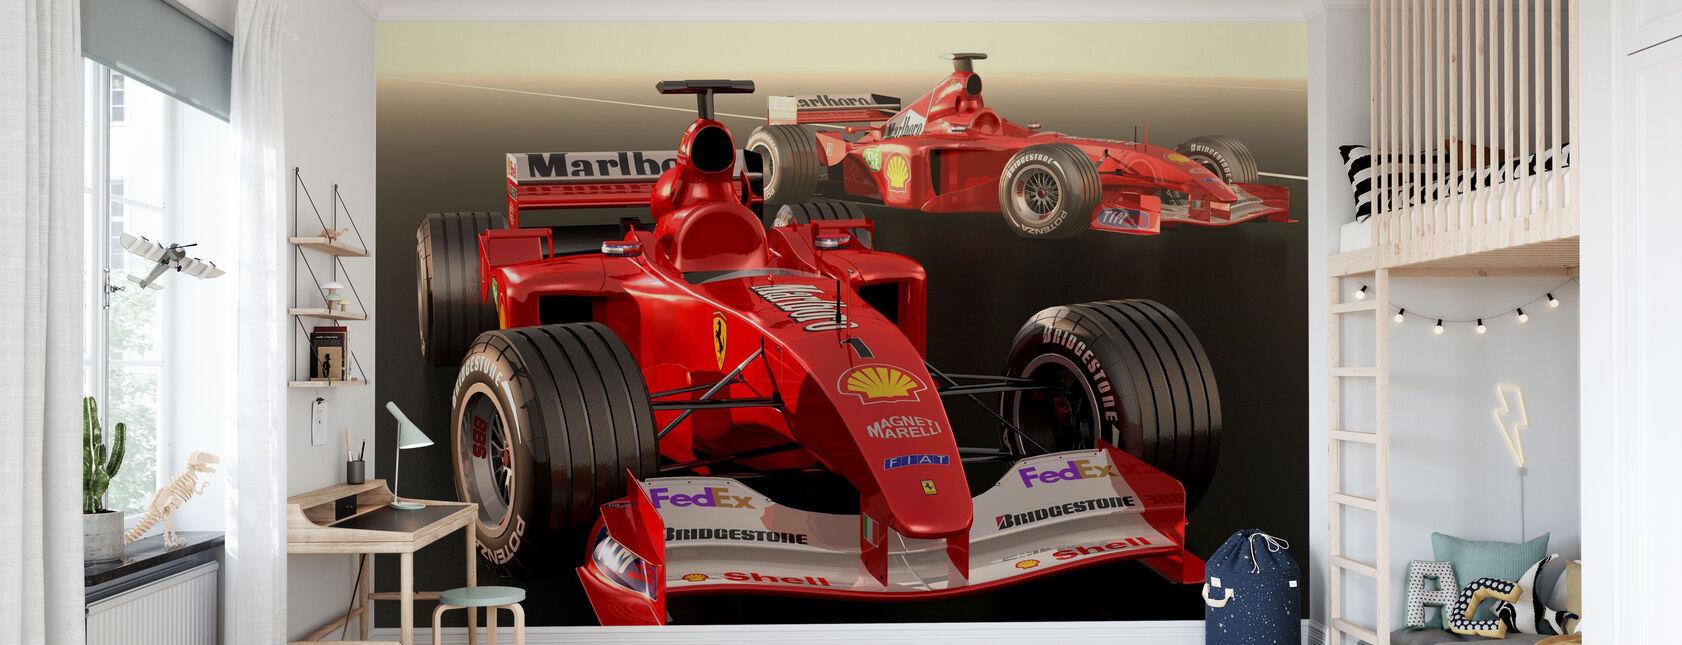 Classic Racing Car - Wallpaper - Kids Room